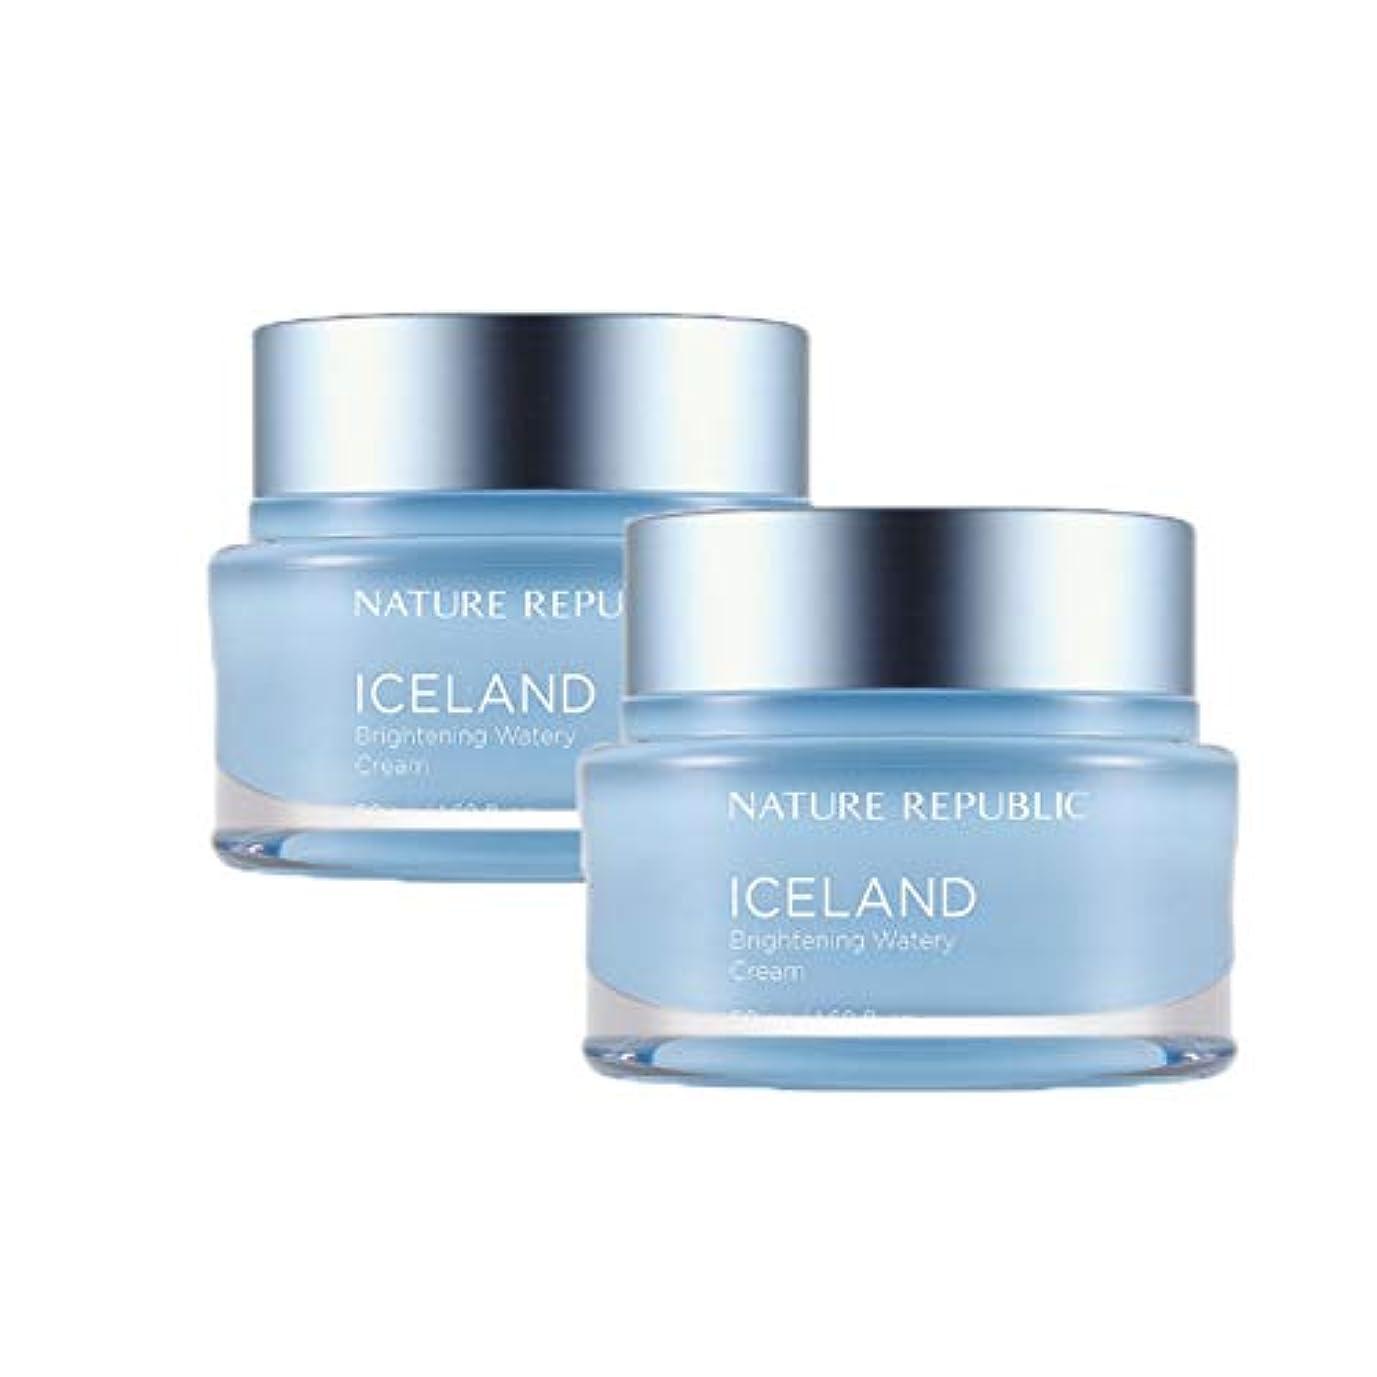 エスカレート体系的に行商ネイチャーリパブリックアイスランドブライトニング水分クリーム50mlx2本セット韓国コスメ、Nature Republic Iceland Brightening Watery Cream 50ml x 2ea Set...